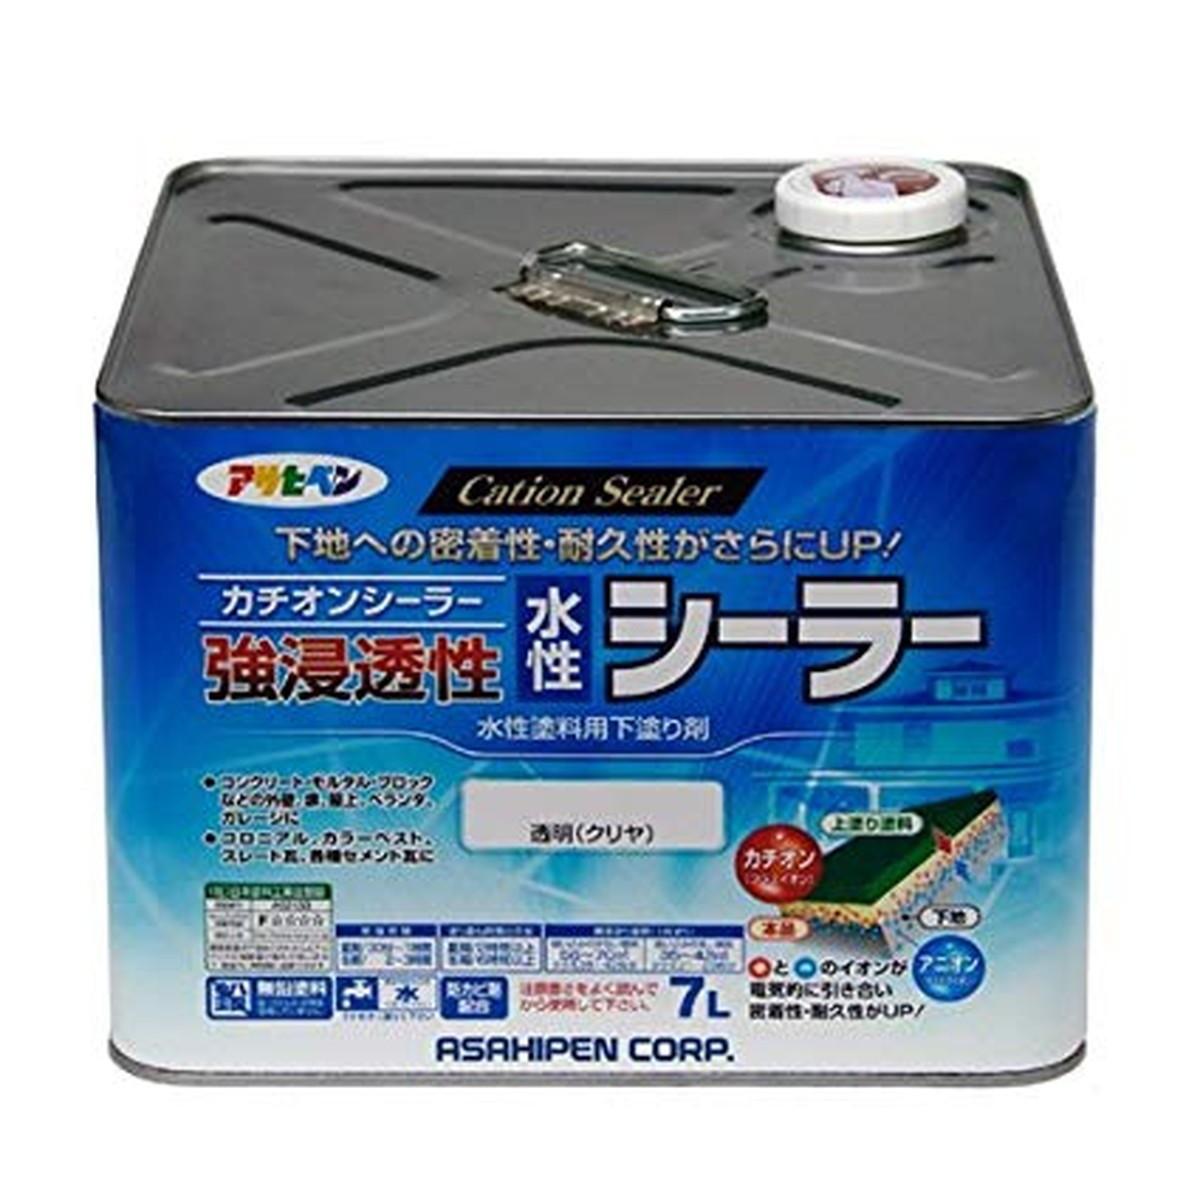 アサヒペン 強浸透性水性シーラー 透明(クリヤ)7L【クーポン配布中】